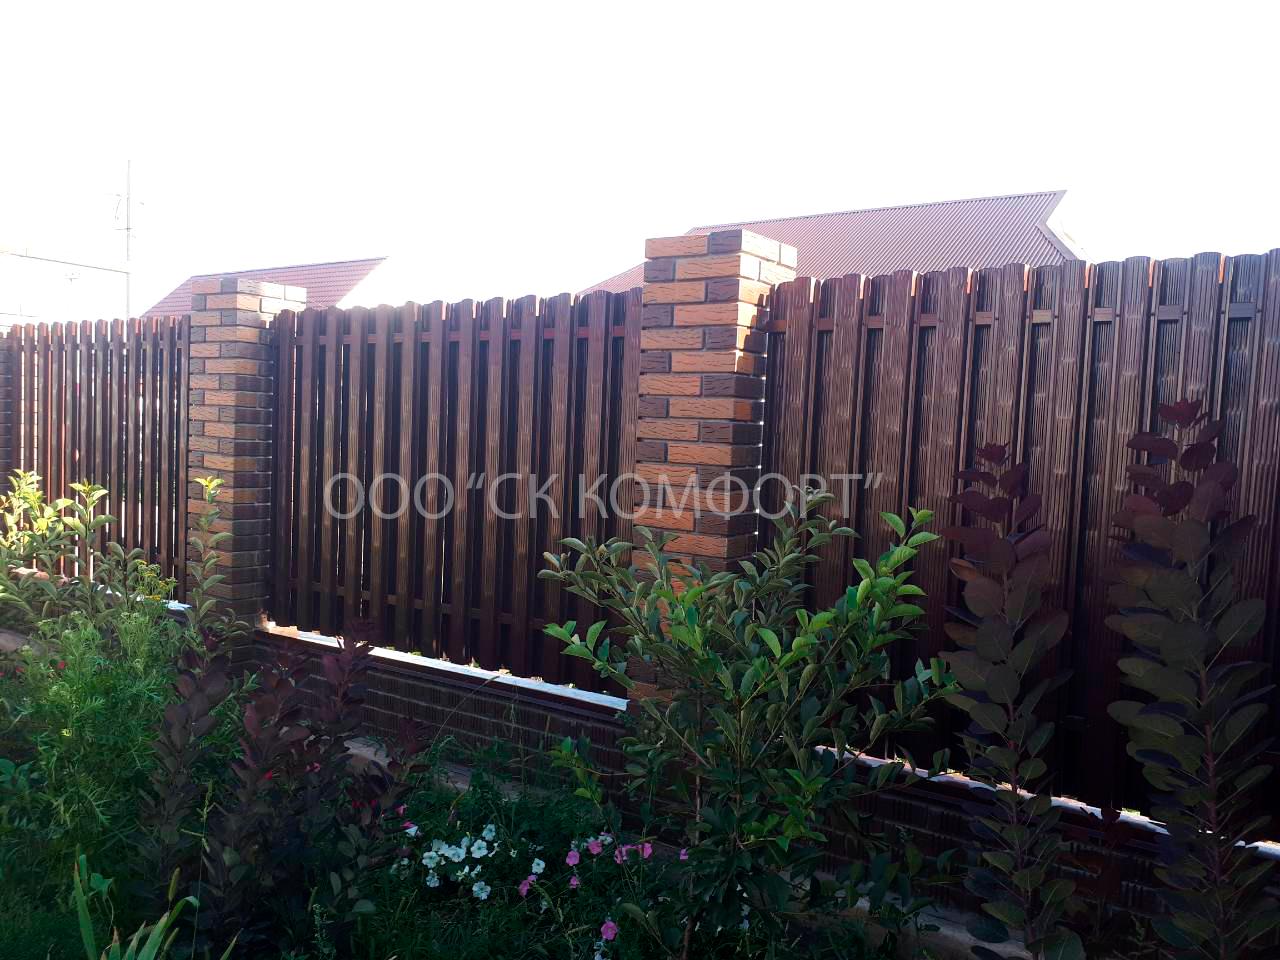 Забор из евроштакетника (74 фото): с кирпичными столбами и двусторонние, с горизонтальным расположением и другие. красивые и интересные образцы